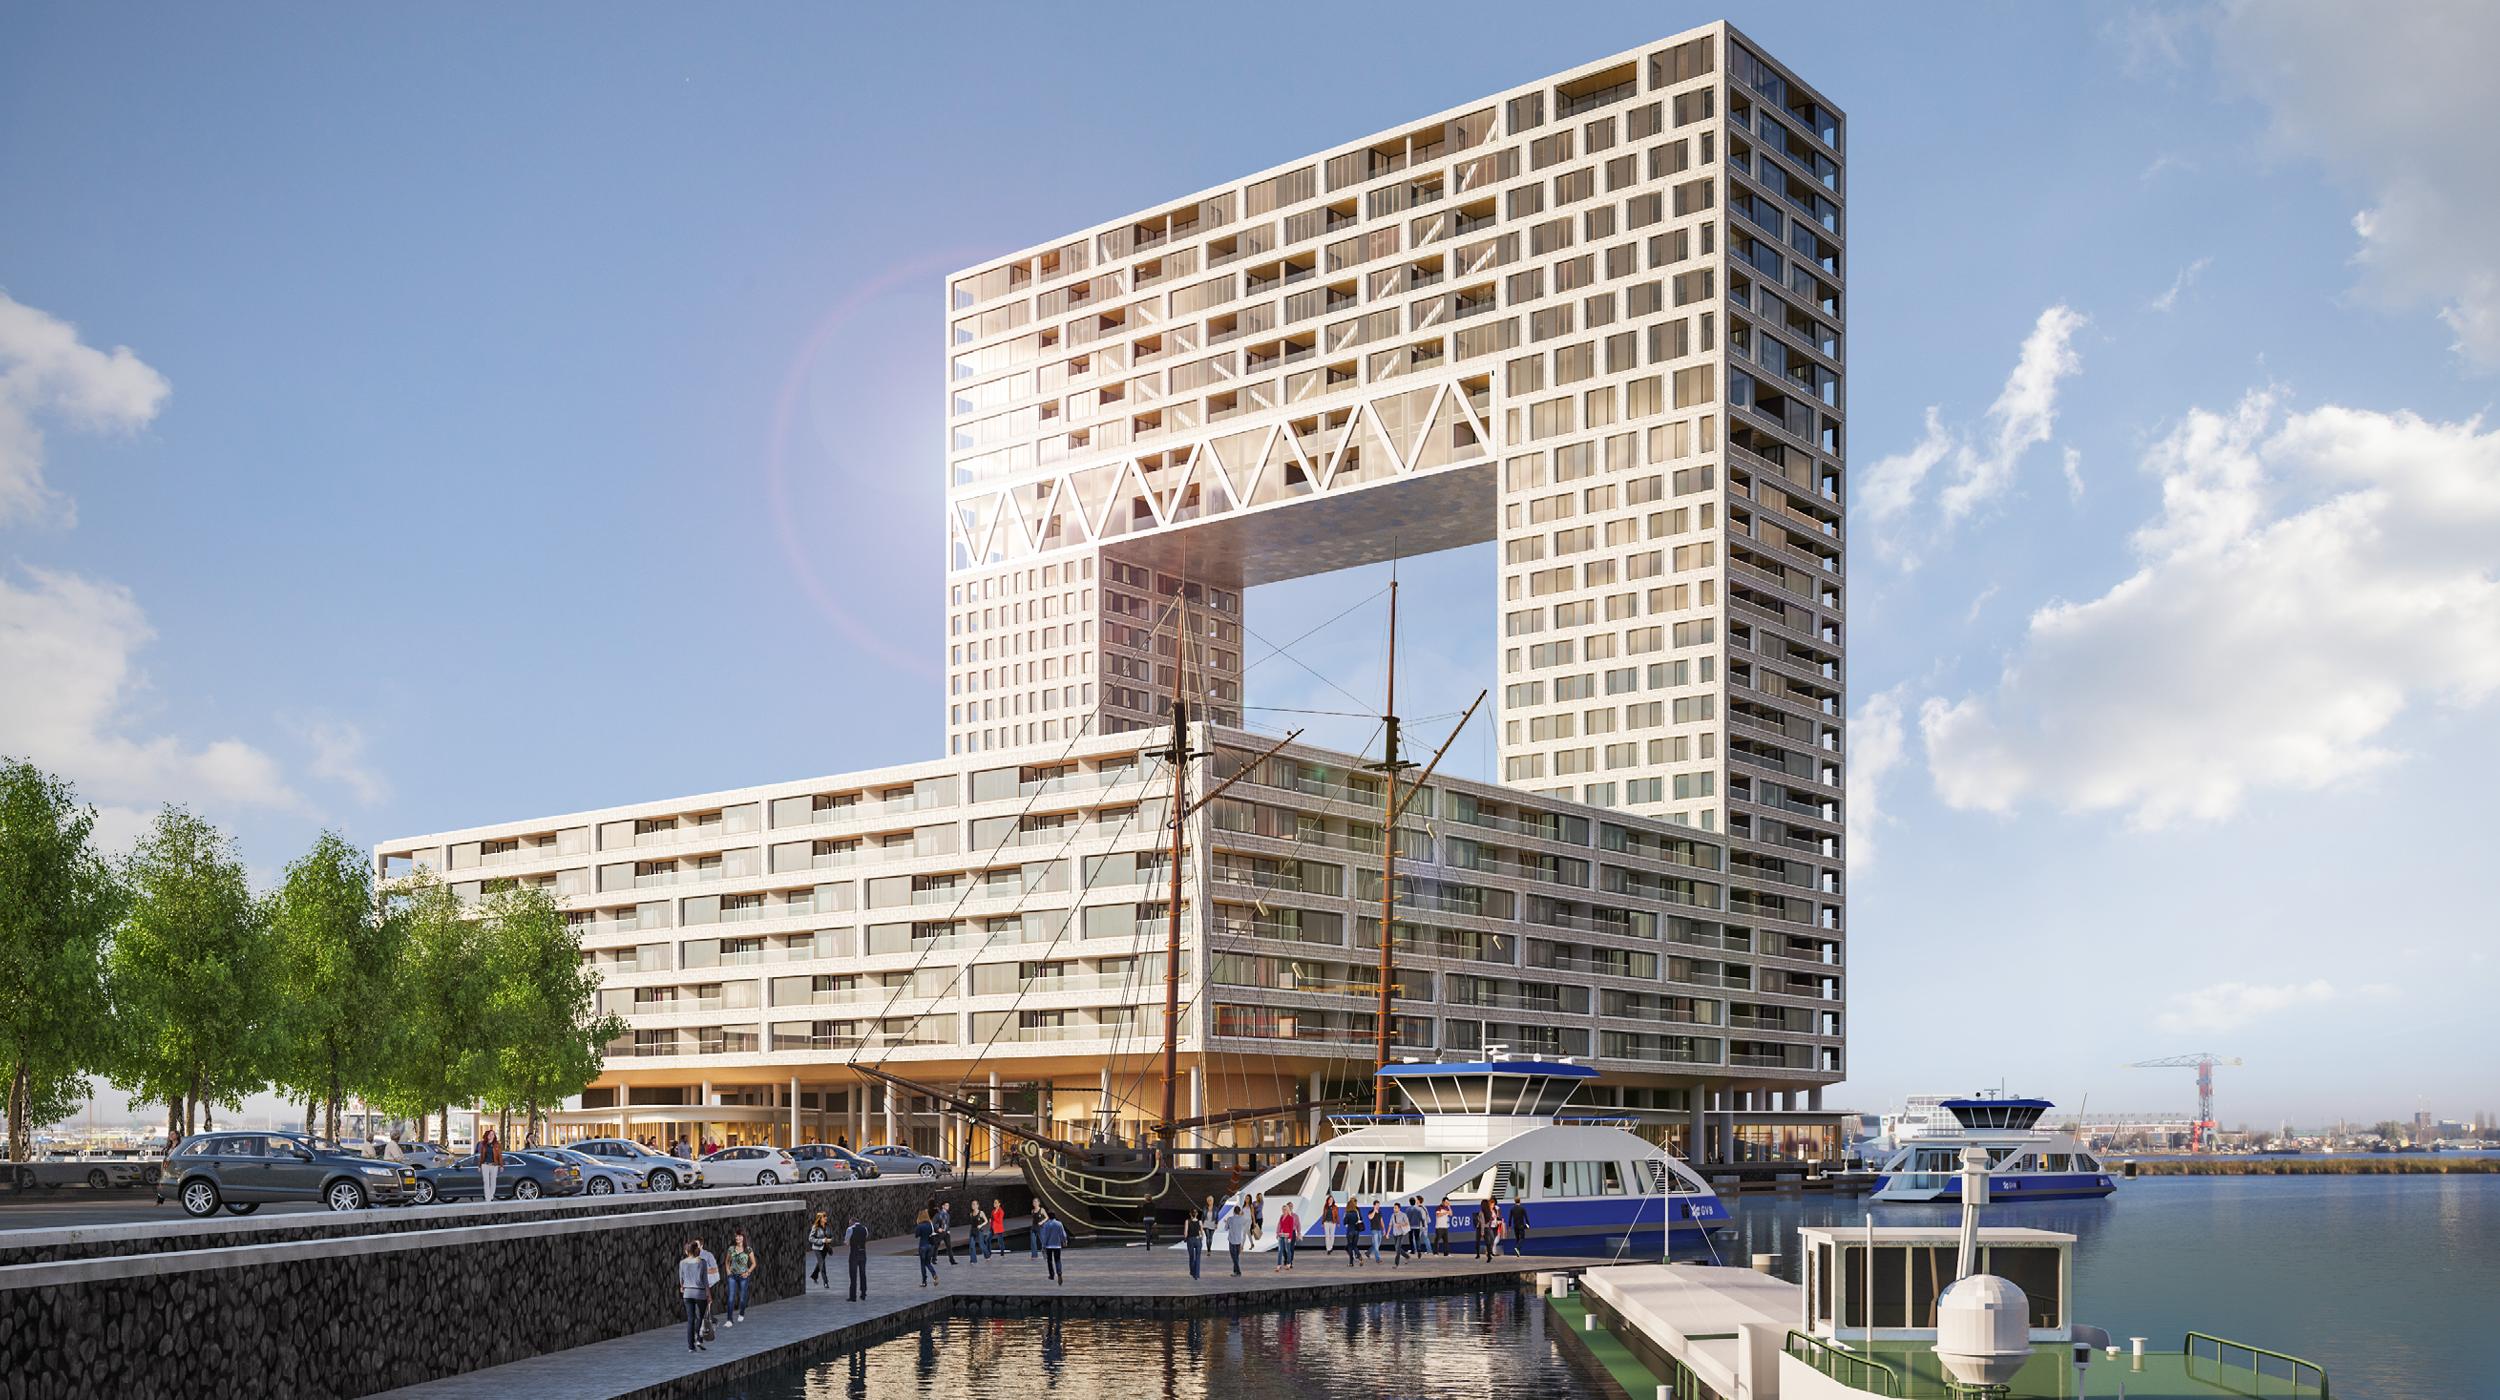 Pontsteiger houthavens Amsterdam ontwerp